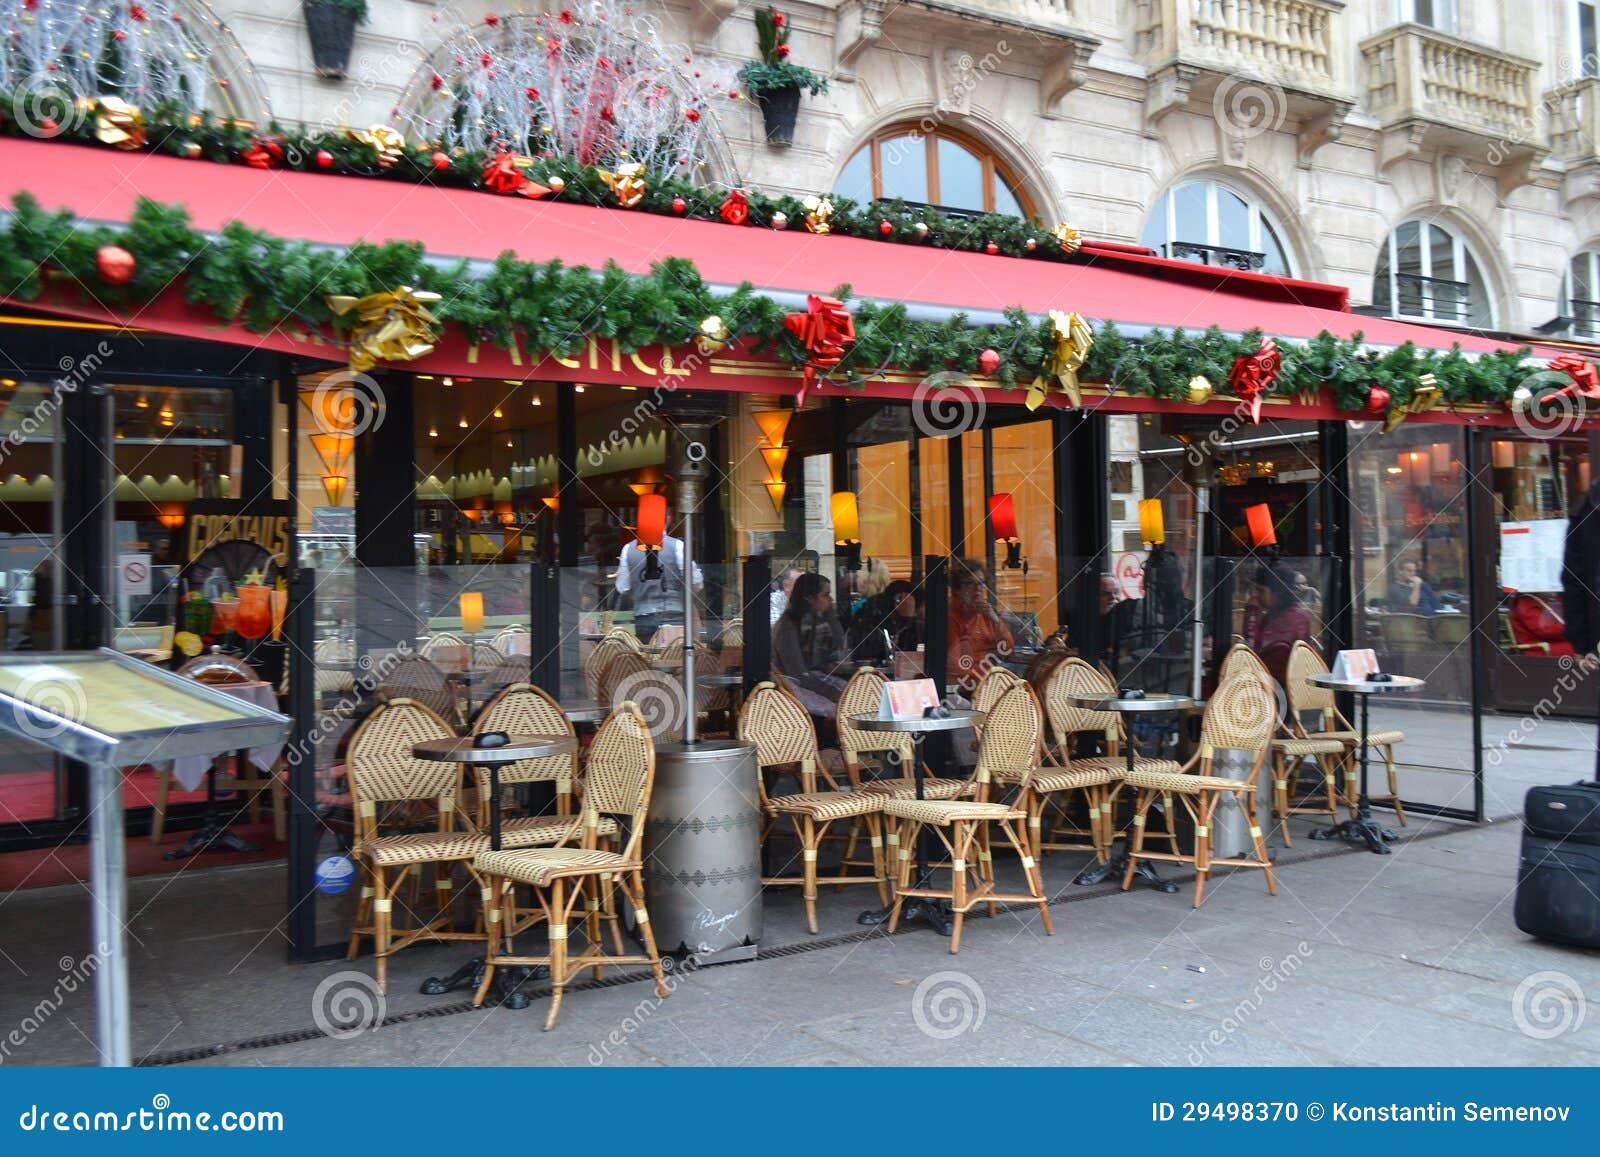 Restaurant Place Maubert